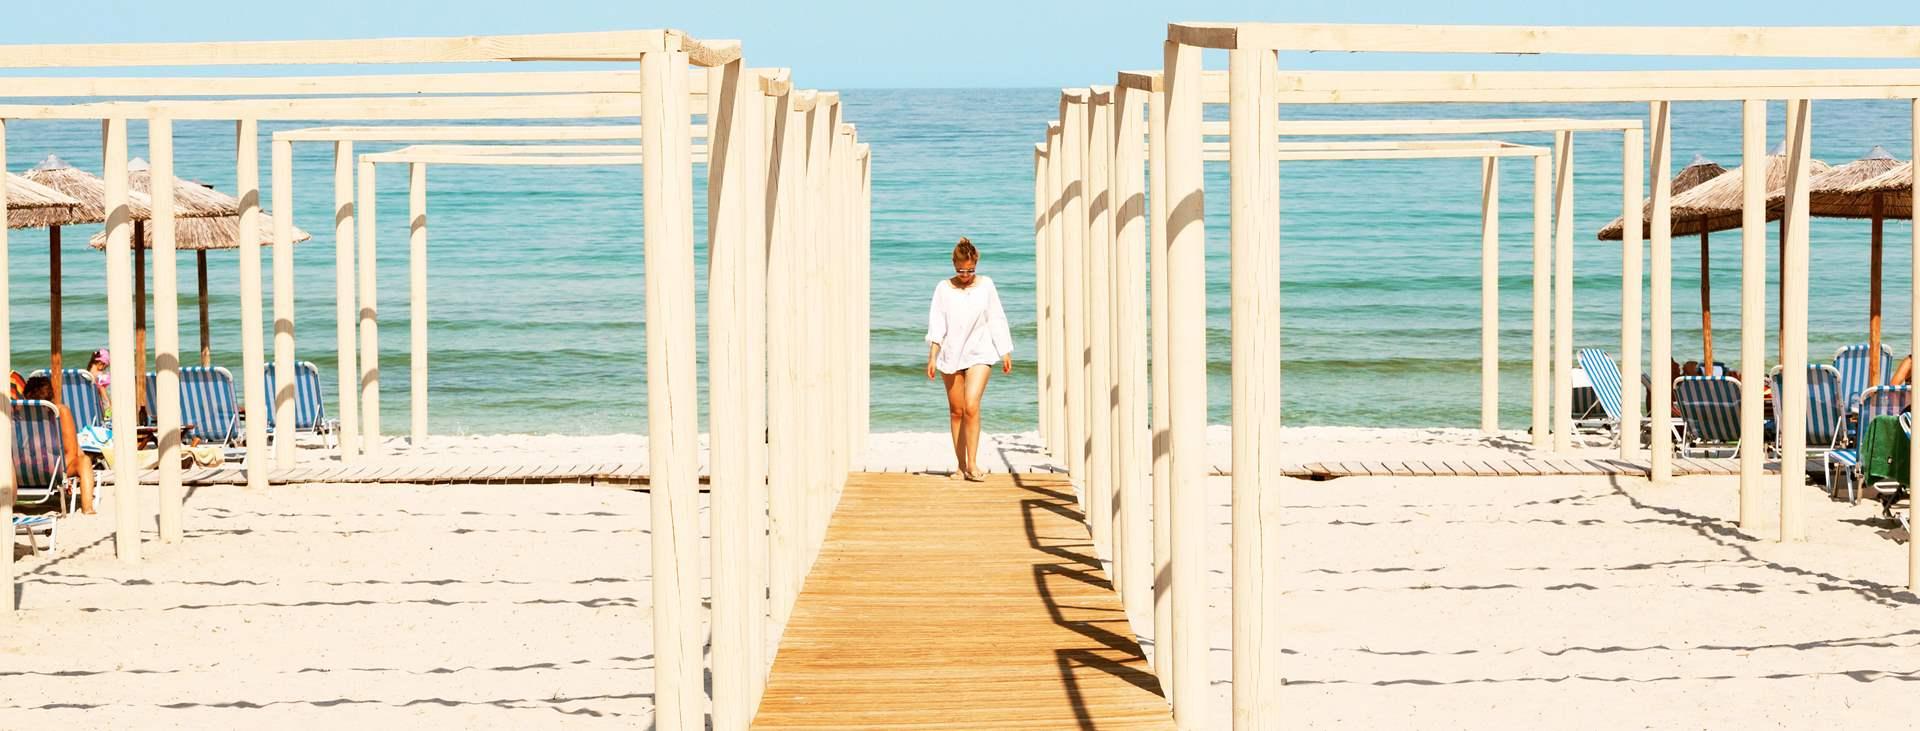 Bestill en reise til Golden Beach på Thassos med Ving